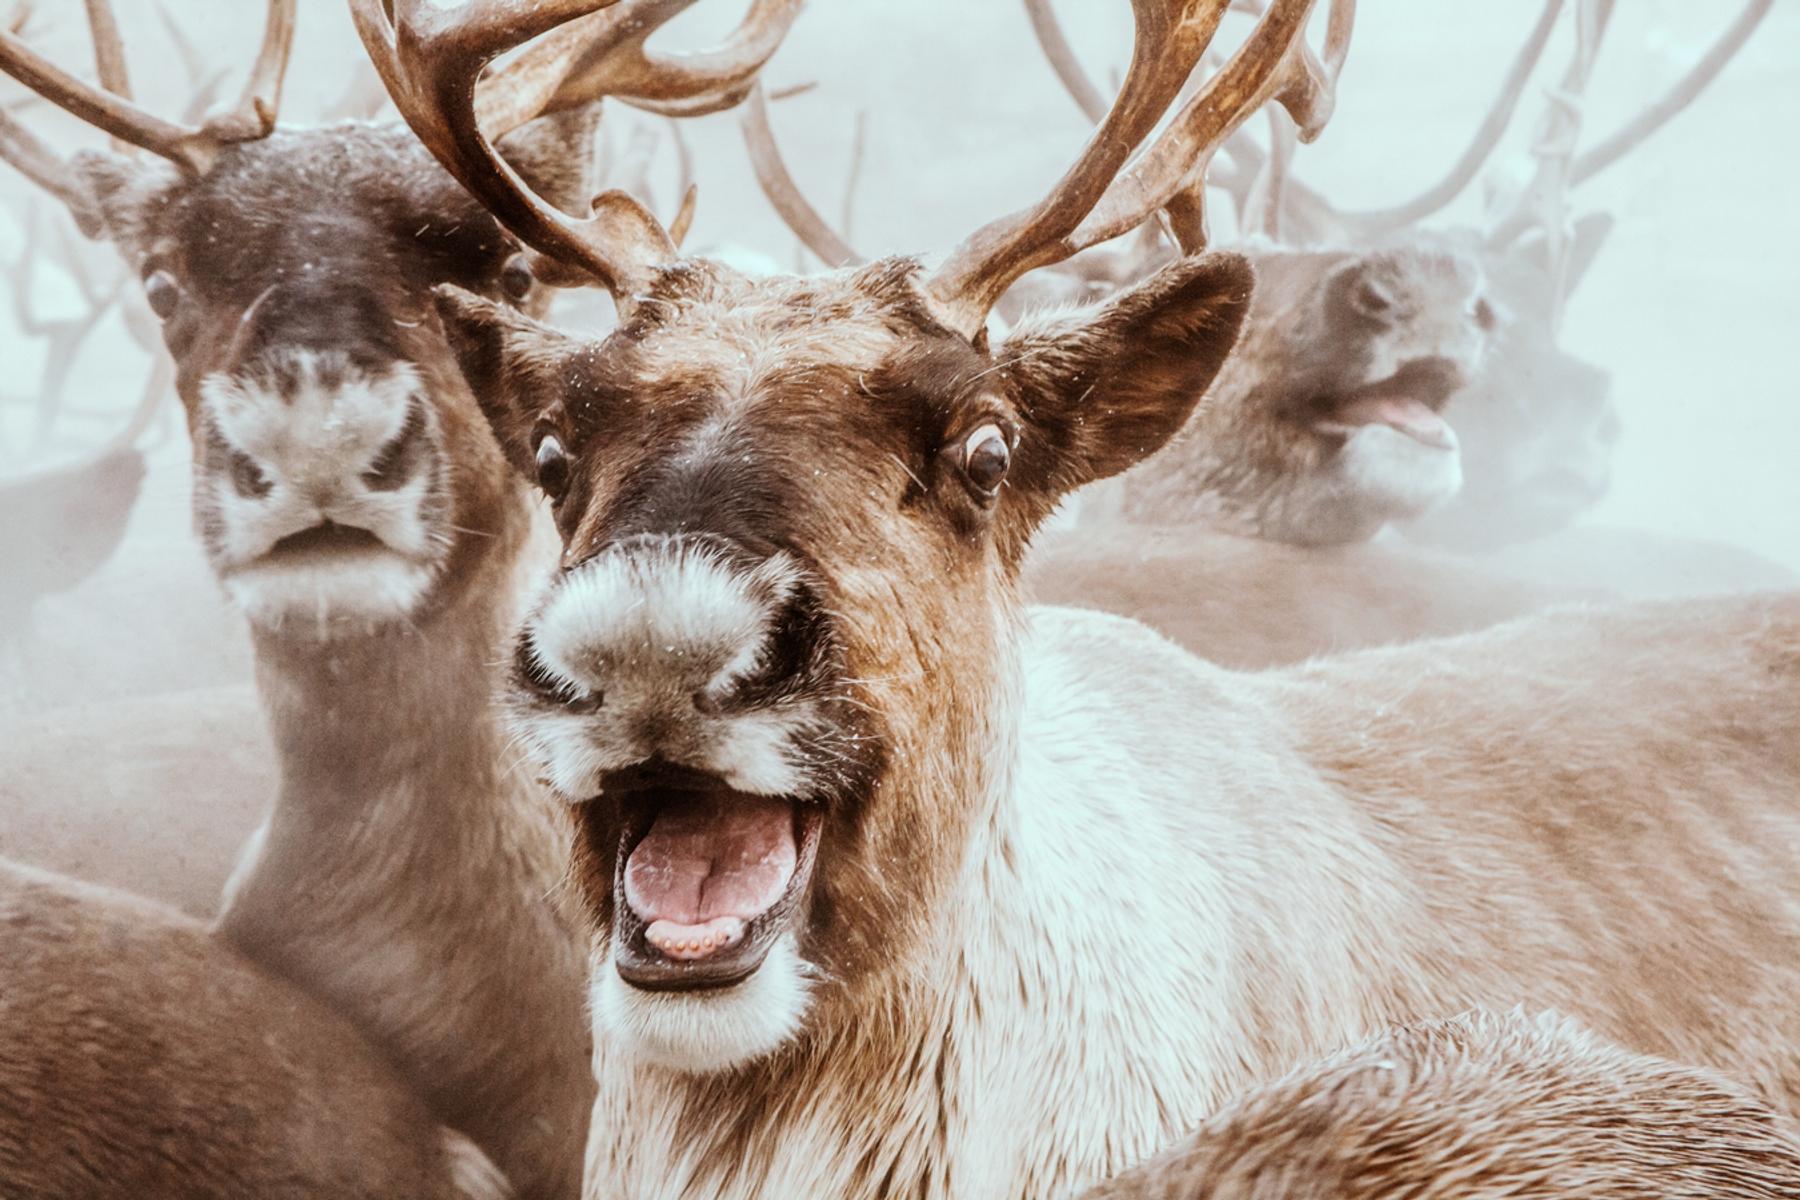 На Камчатке каких только животных не увидишь: от диких медведей и лис до домашних северных оленей